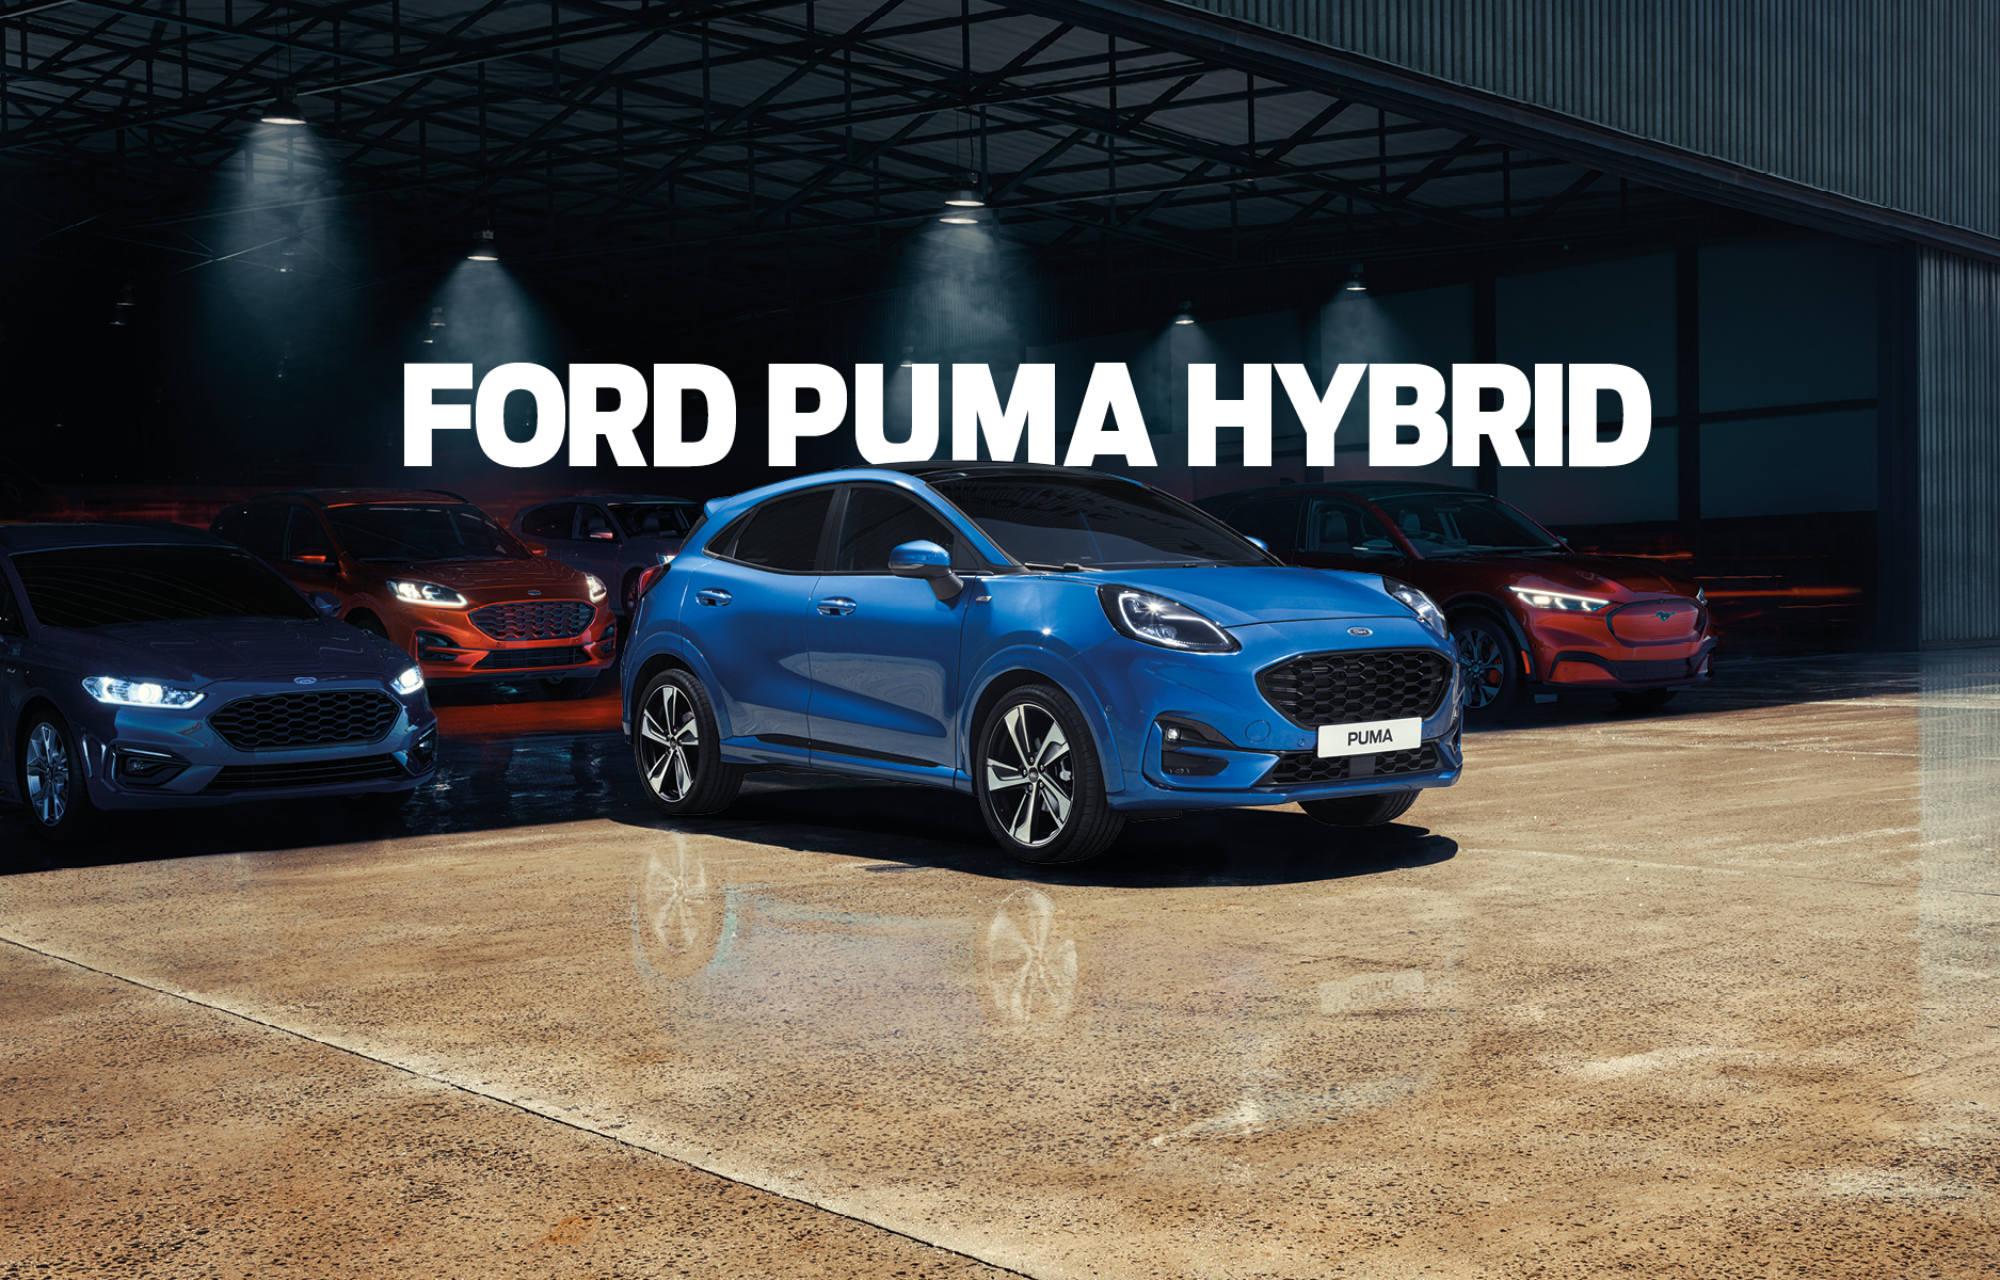 Bliv klogere på Fords hybrid biler